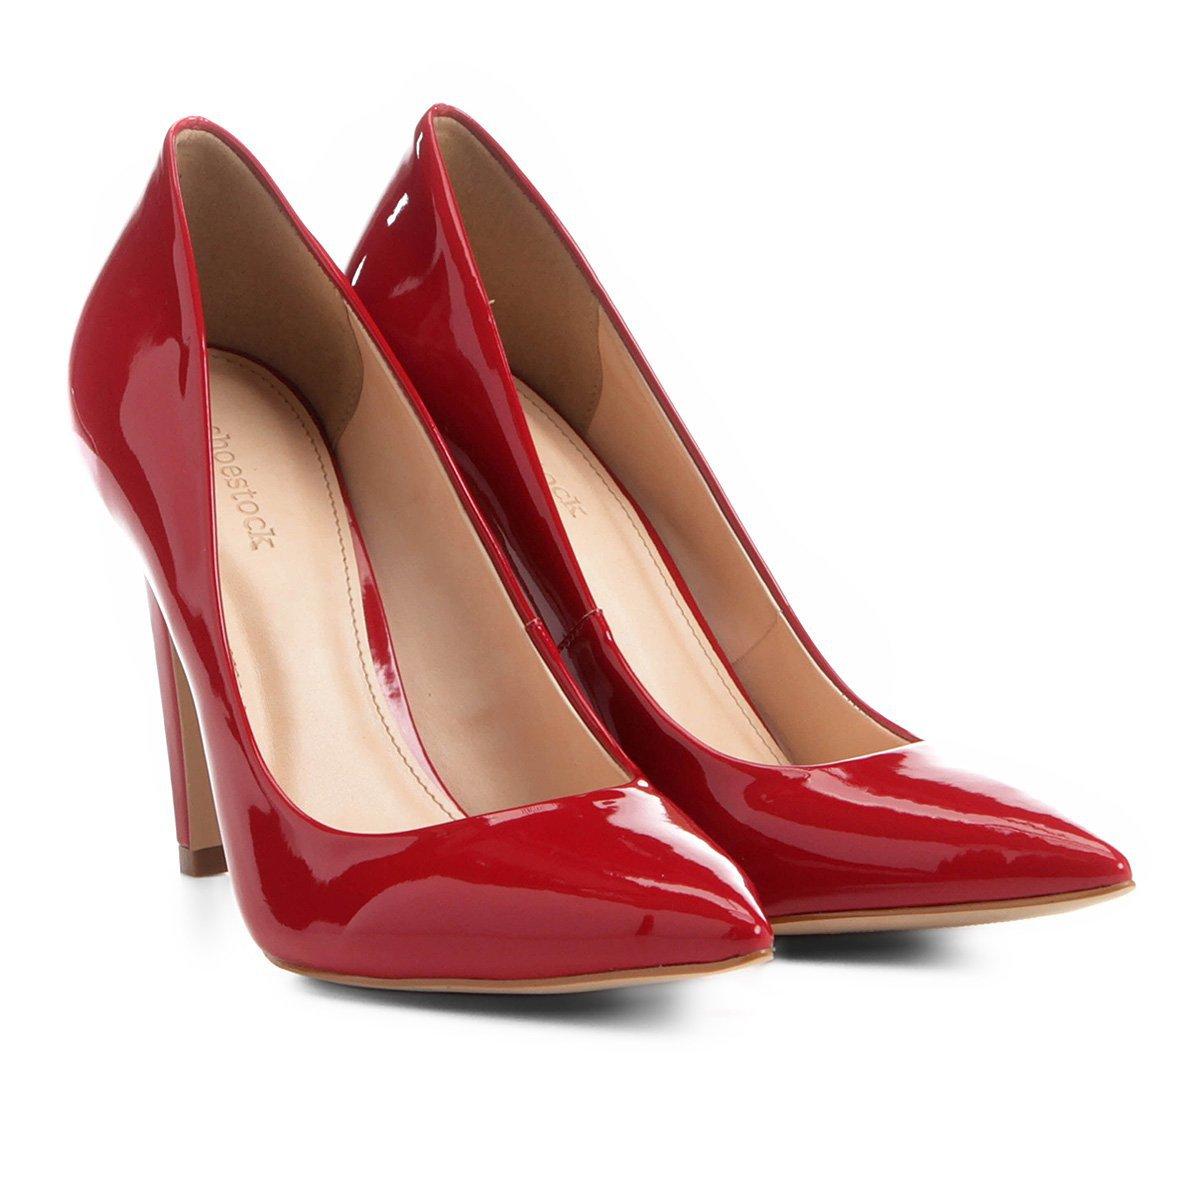 f75d6071d Scarpin Shoestock Salto Alto Bico Fino - Vermelho - Compre Agora ...